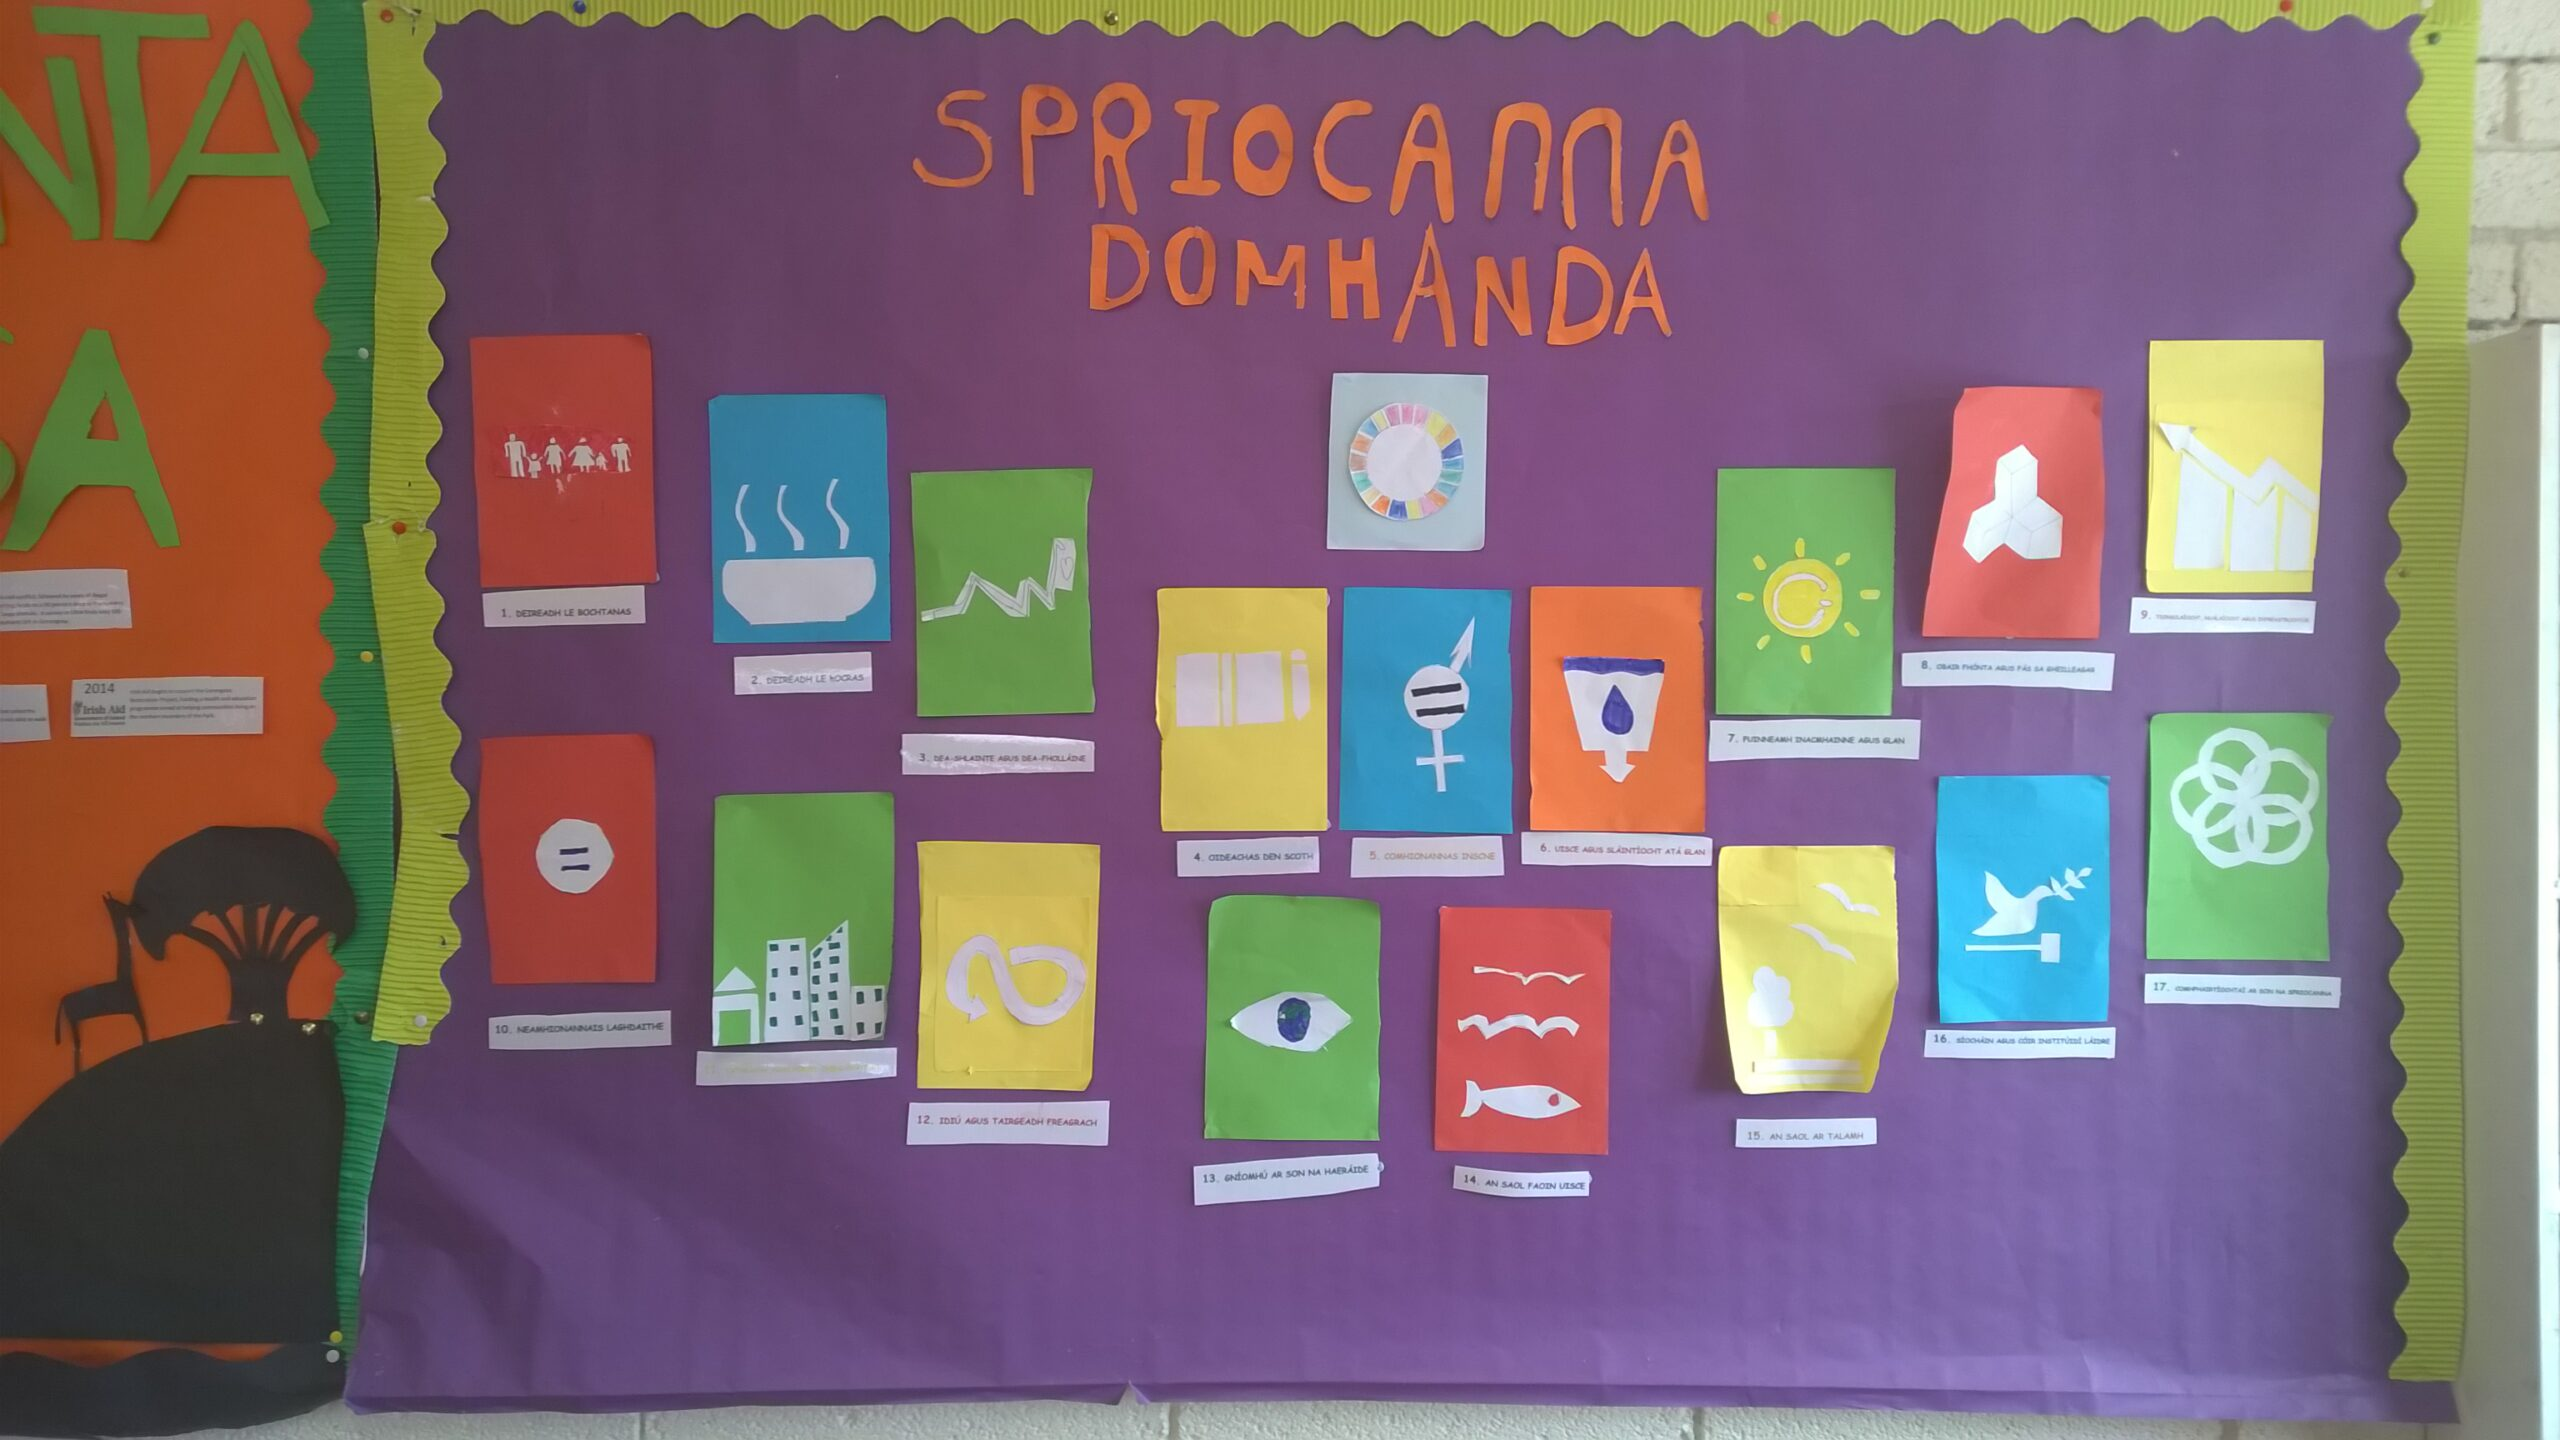 """Ett foto av en skylt i iriskt språkbad, där det står """"Spriocanna domhanda"""""""